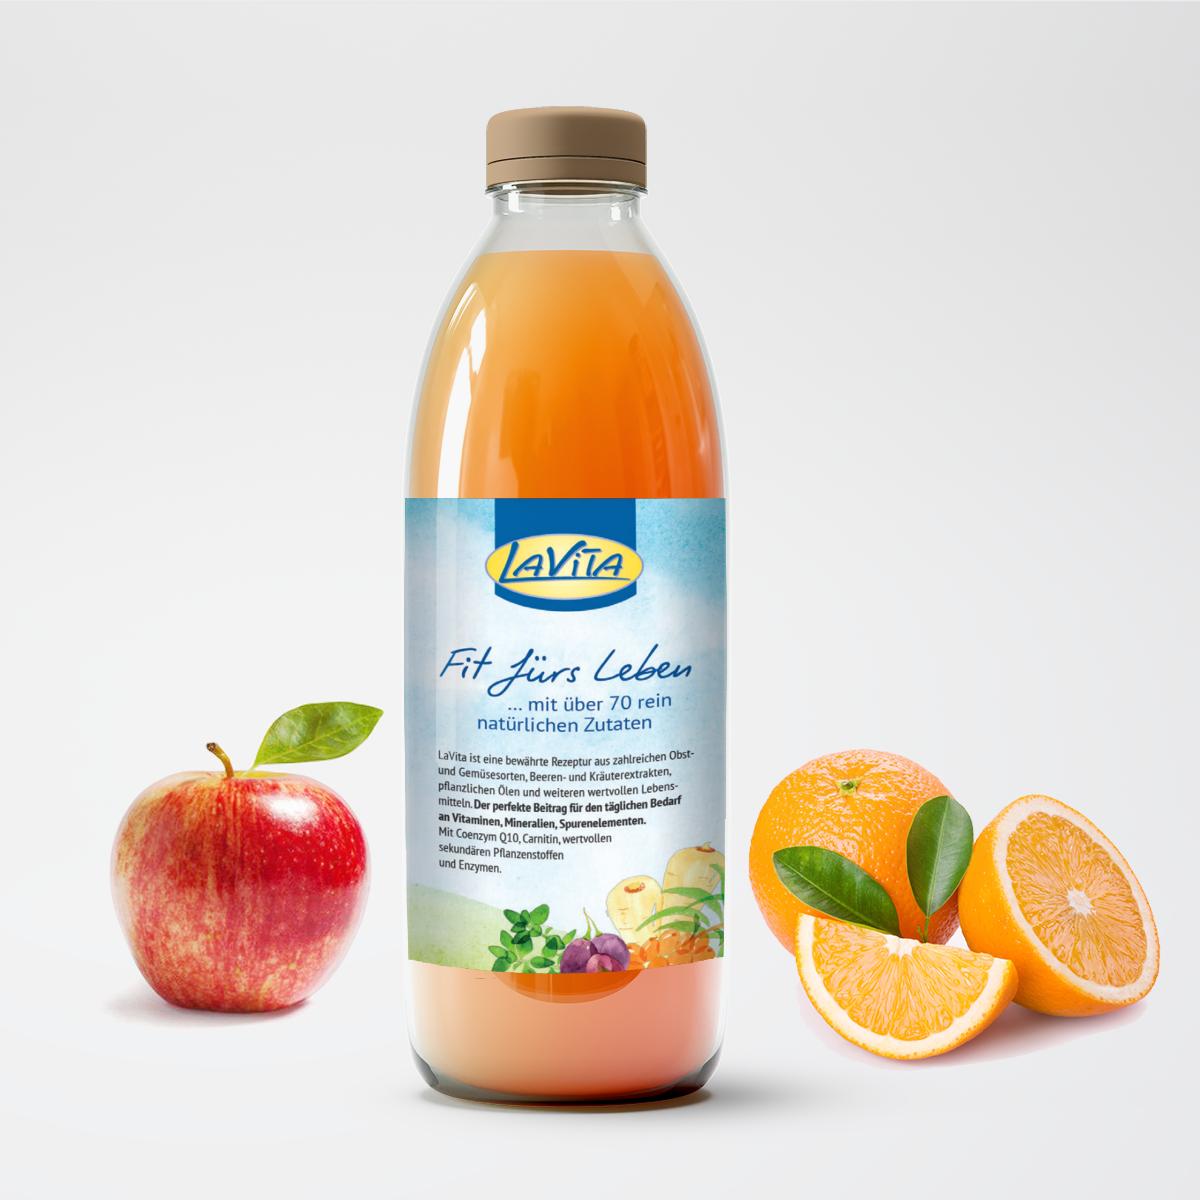 LaVita Nährstoffkonzentrat aus Gemüse und Obst